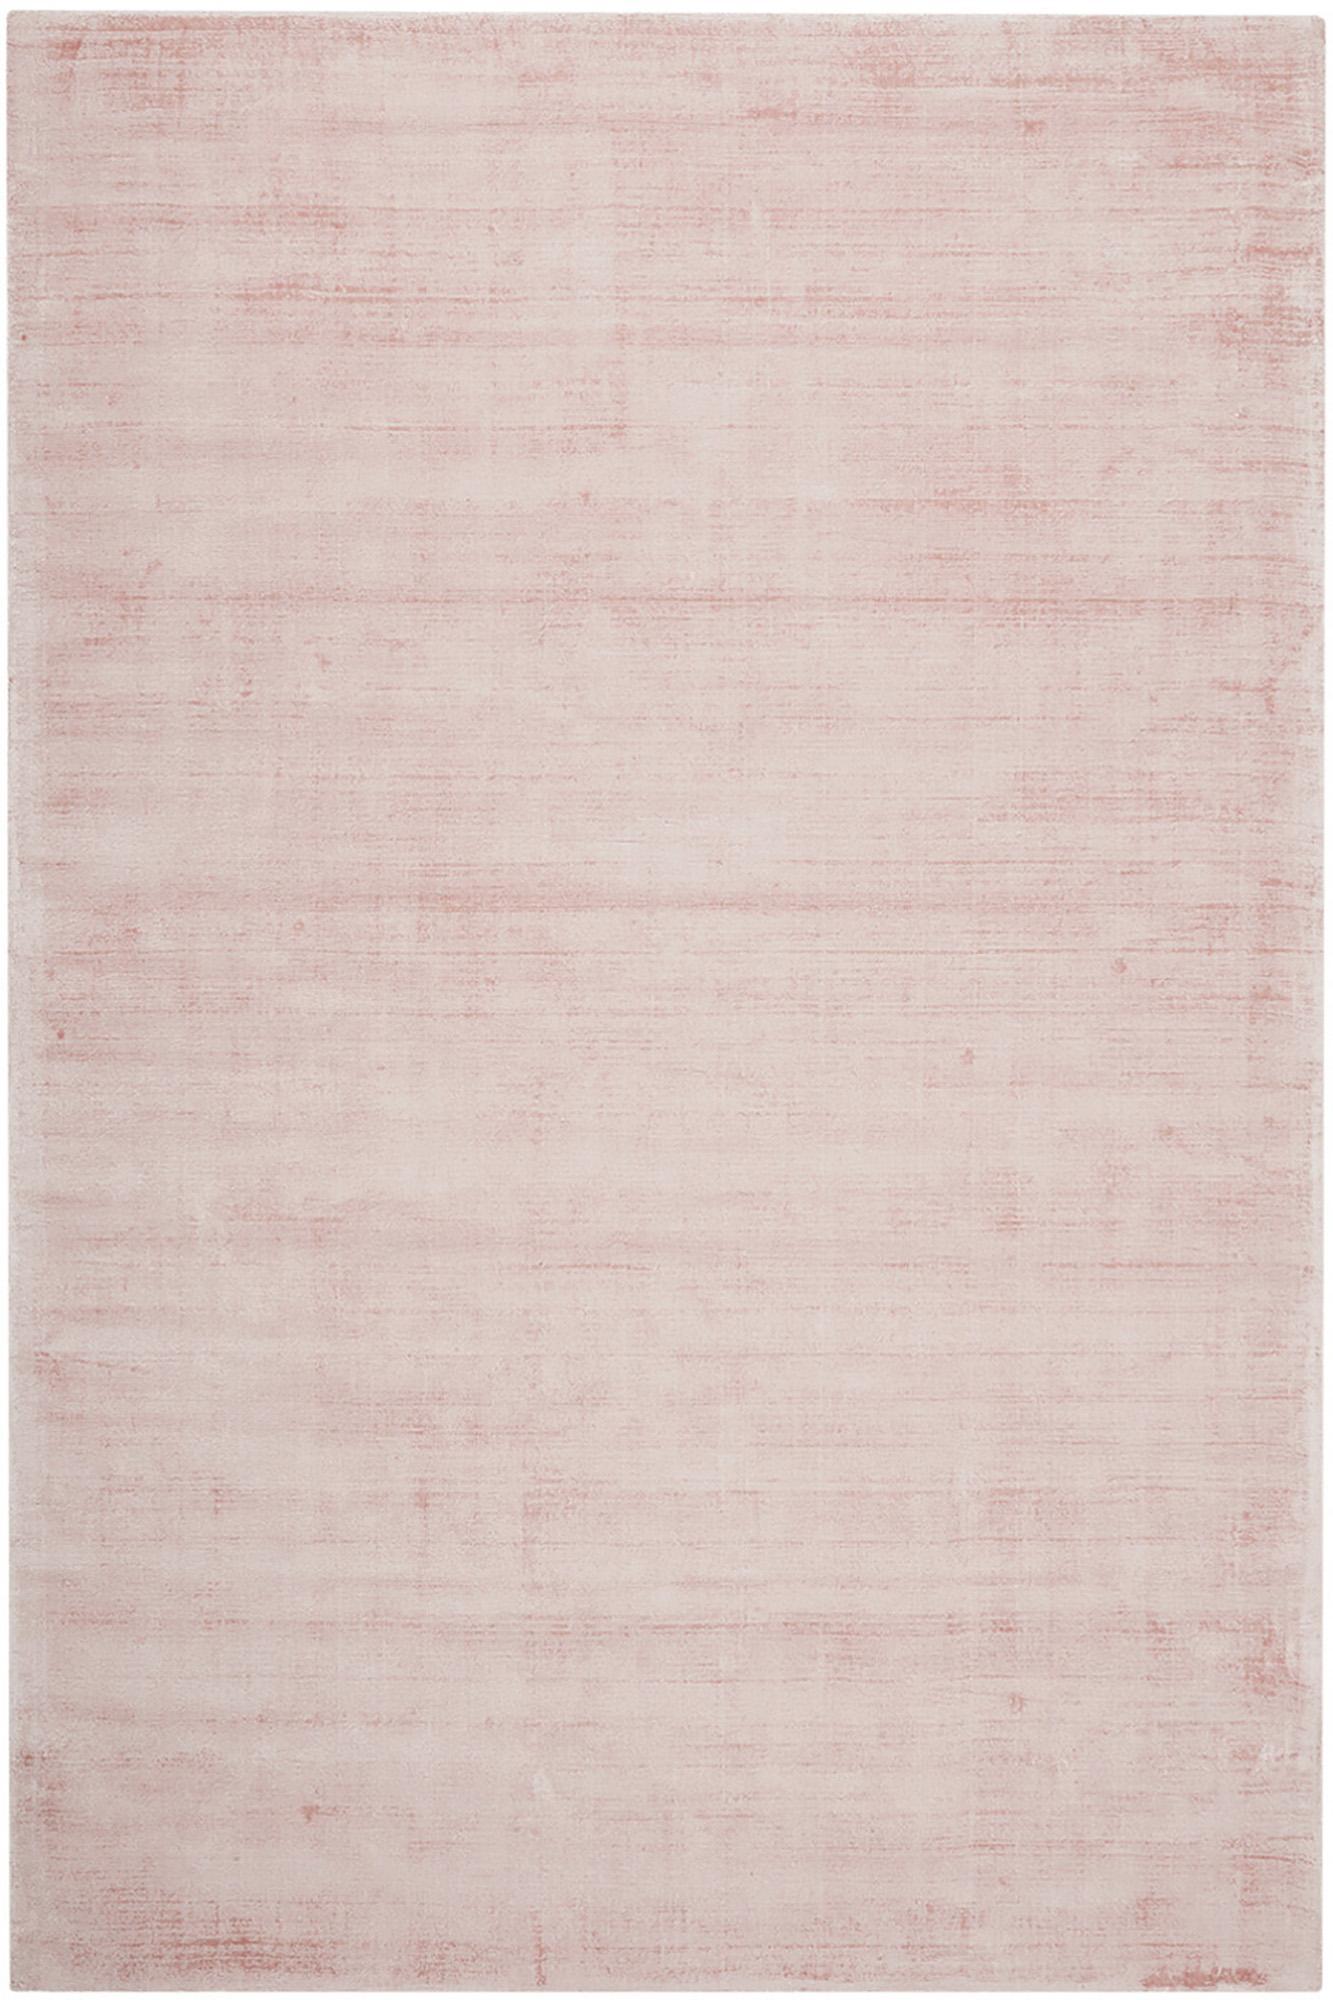 Handgeweven viscose vloerkleed Jane in roze, Bovenzijde: 100% viscose, Onderzijde: 100% katoen, Roze, B 200 x L 300 cm (maat L)